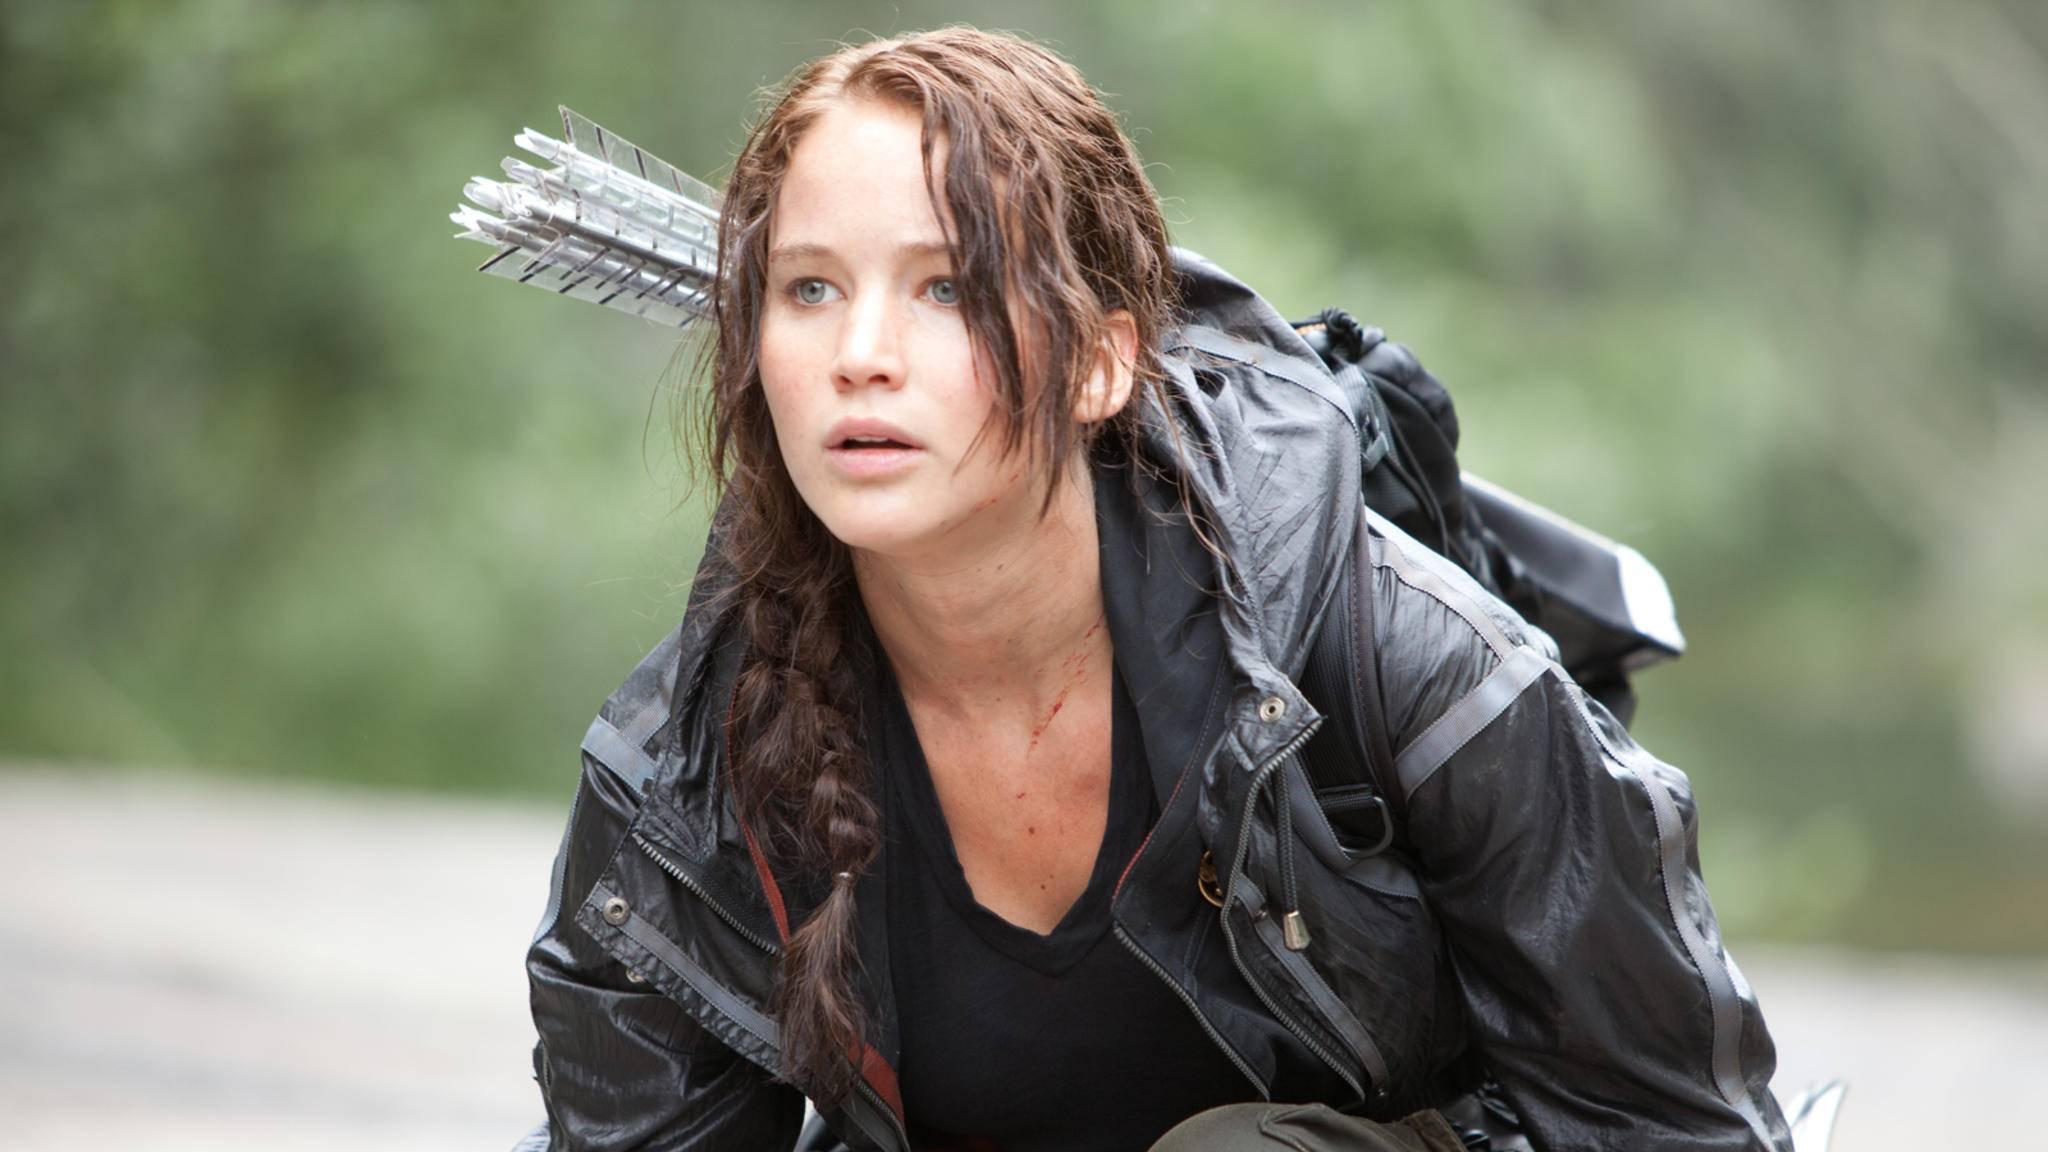 Jennifer Lawrence hat ein breites Spektrum an Filmen, in denen sie bereits mitgespielt hat. Am meisten jedoch spielt sie eine starke Frau!